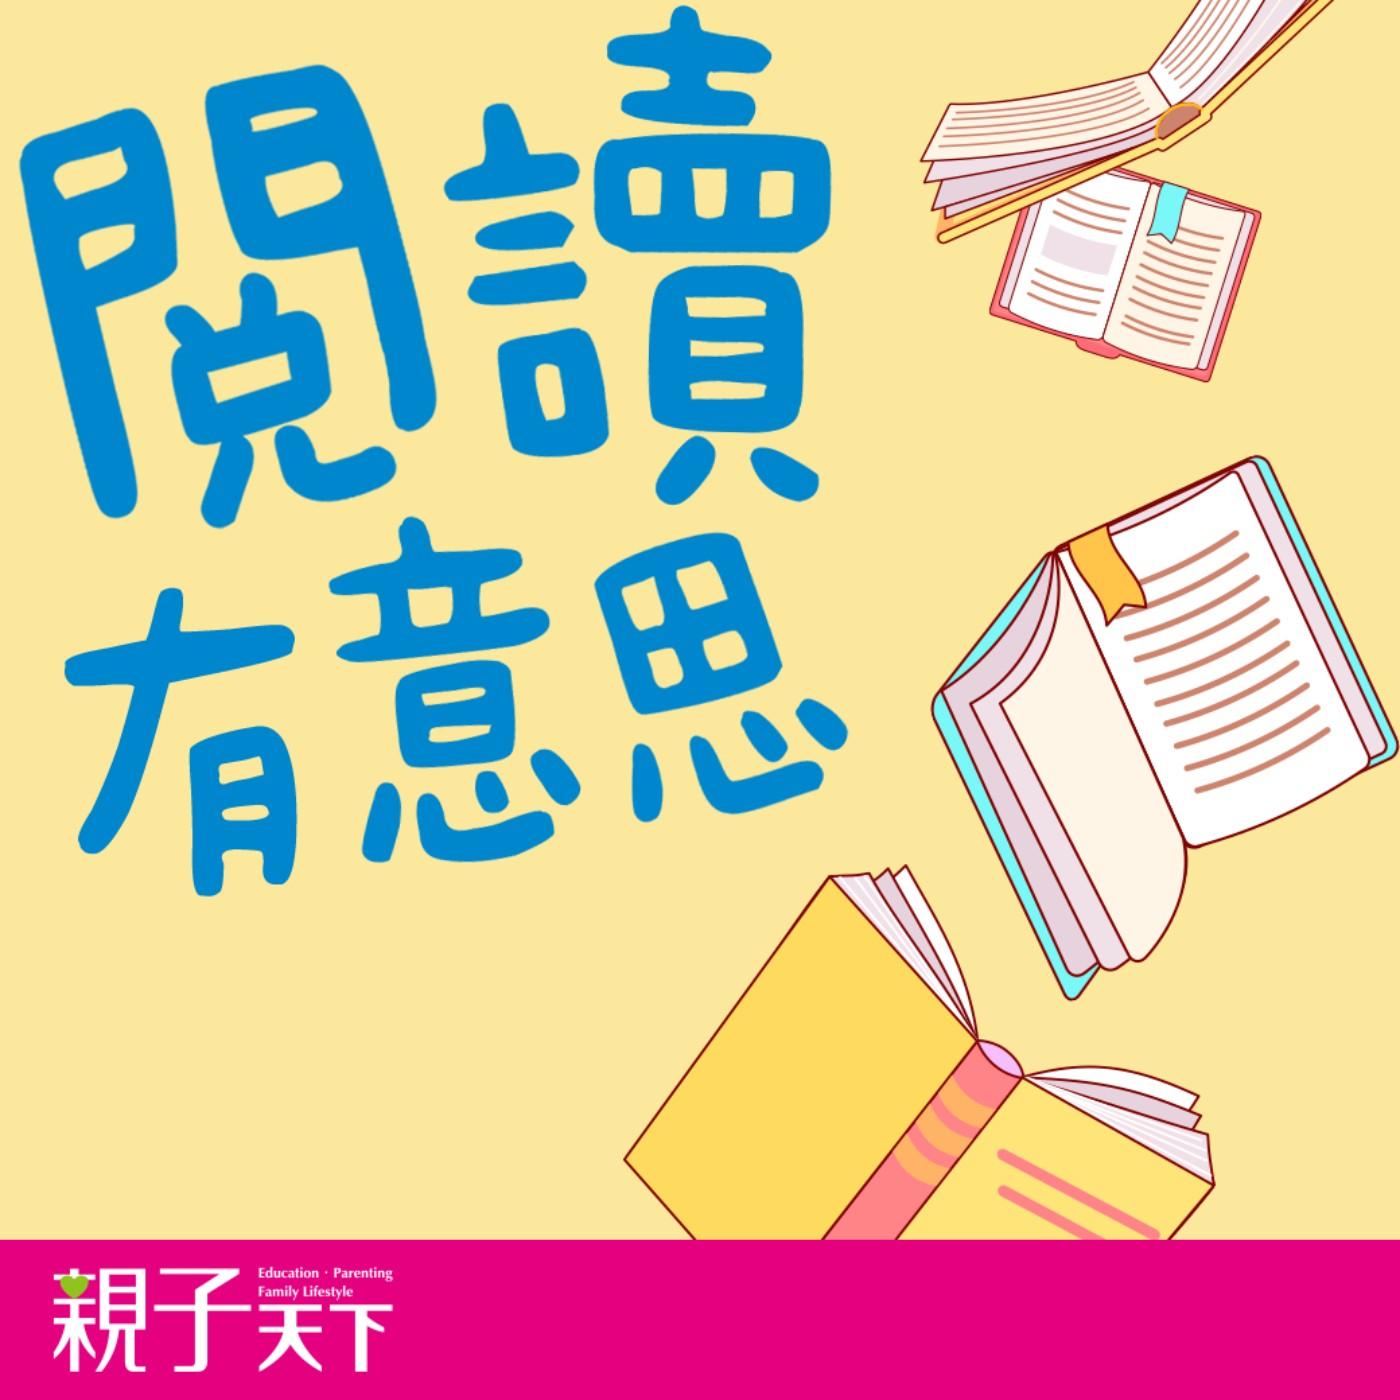 閱讀大來賓:老ㄙㄨ老師的同理心身教----EP.02【閱讀有意思】